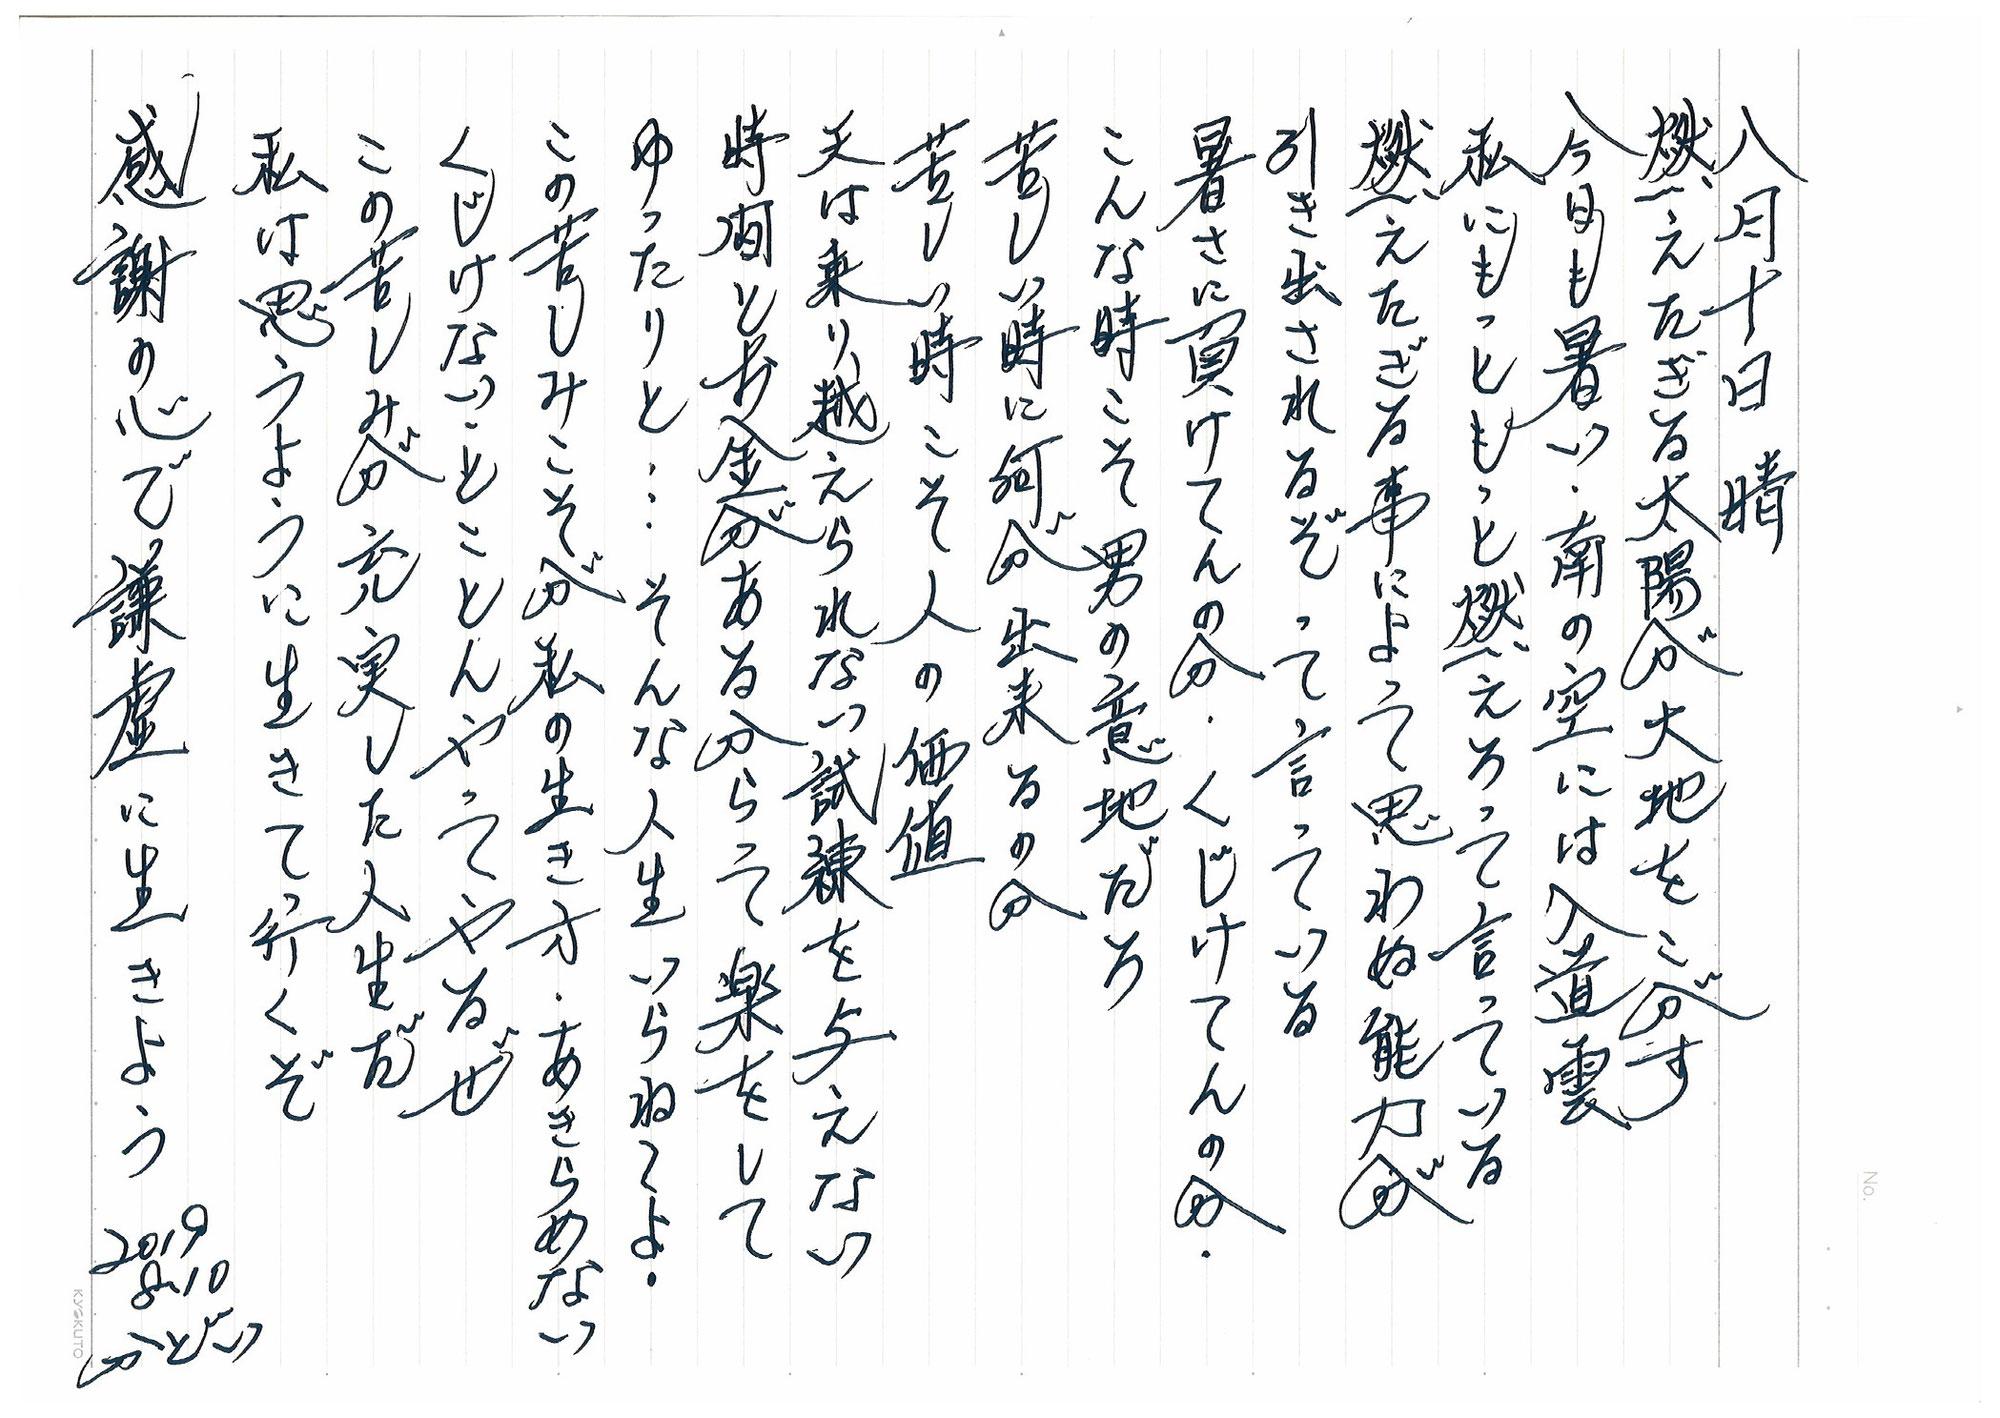 会長門井の熱い気持ち ~その10~ 8/10晴